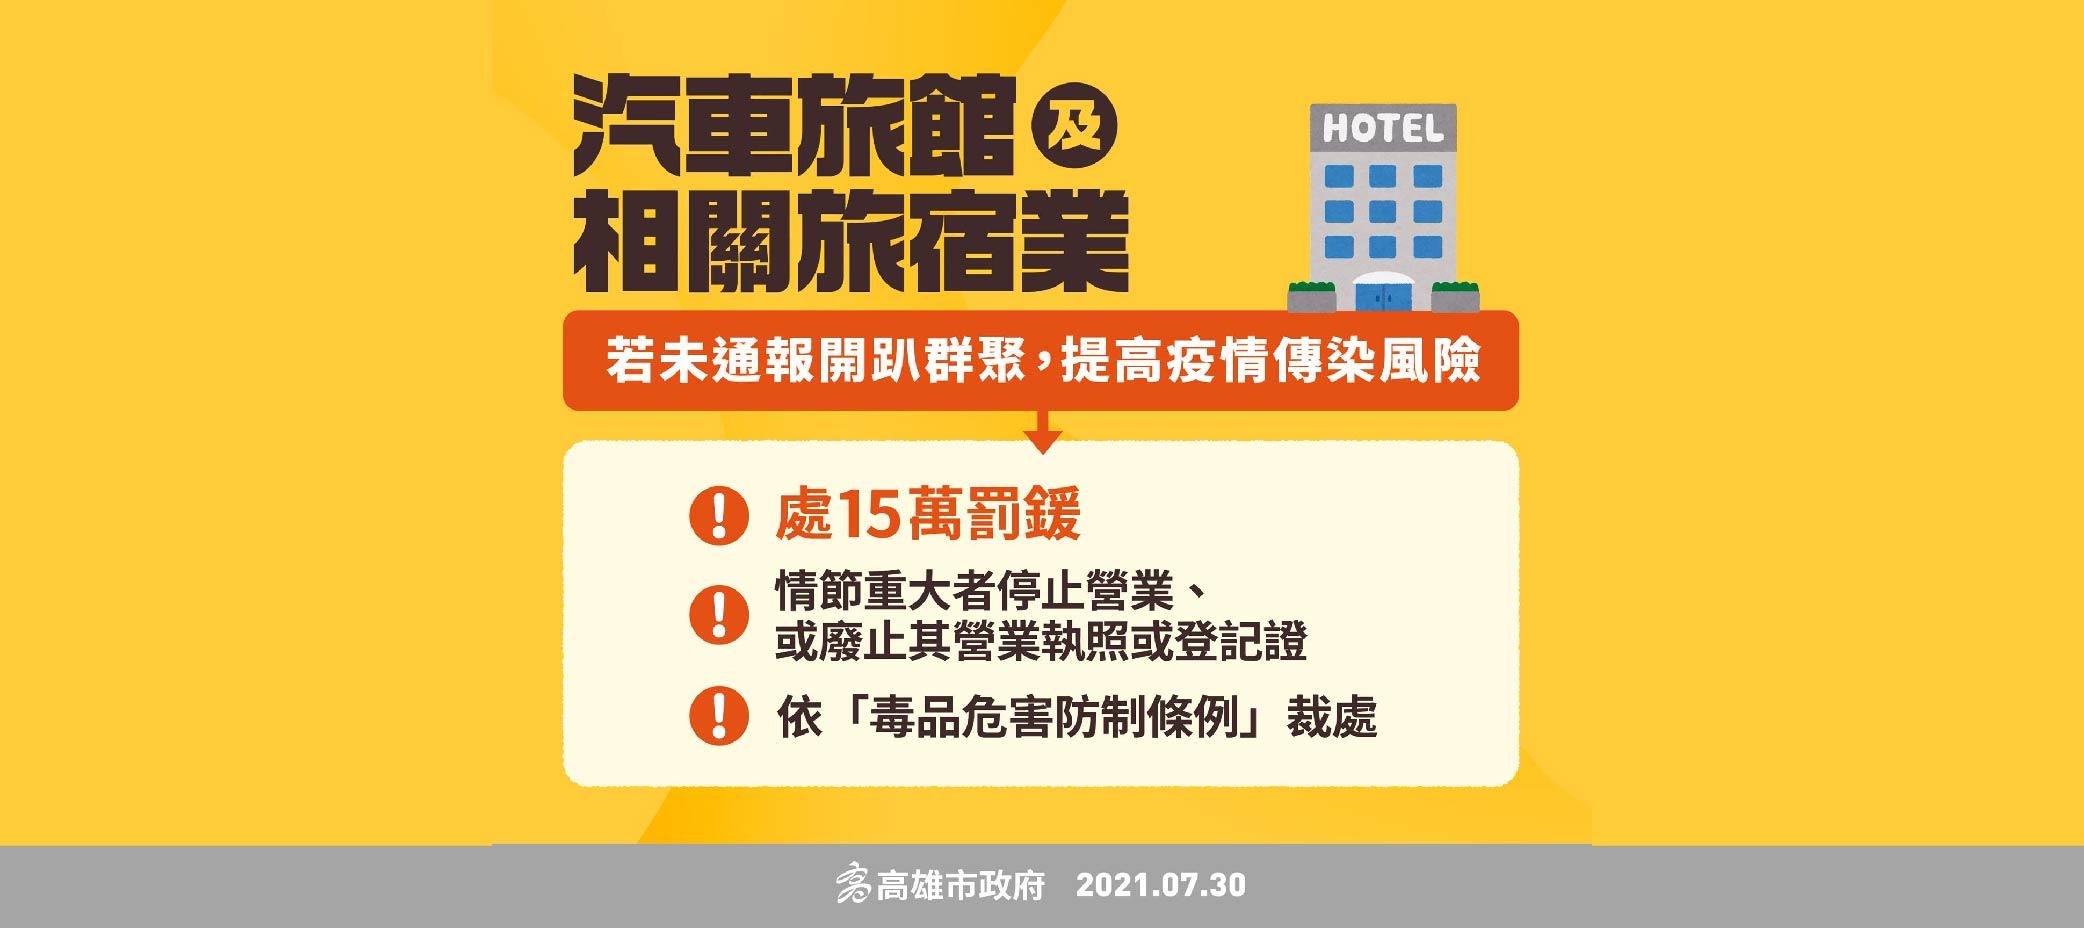 汽車旅館及相關旅宿業 群聚旅宿開趴未通報可開罰